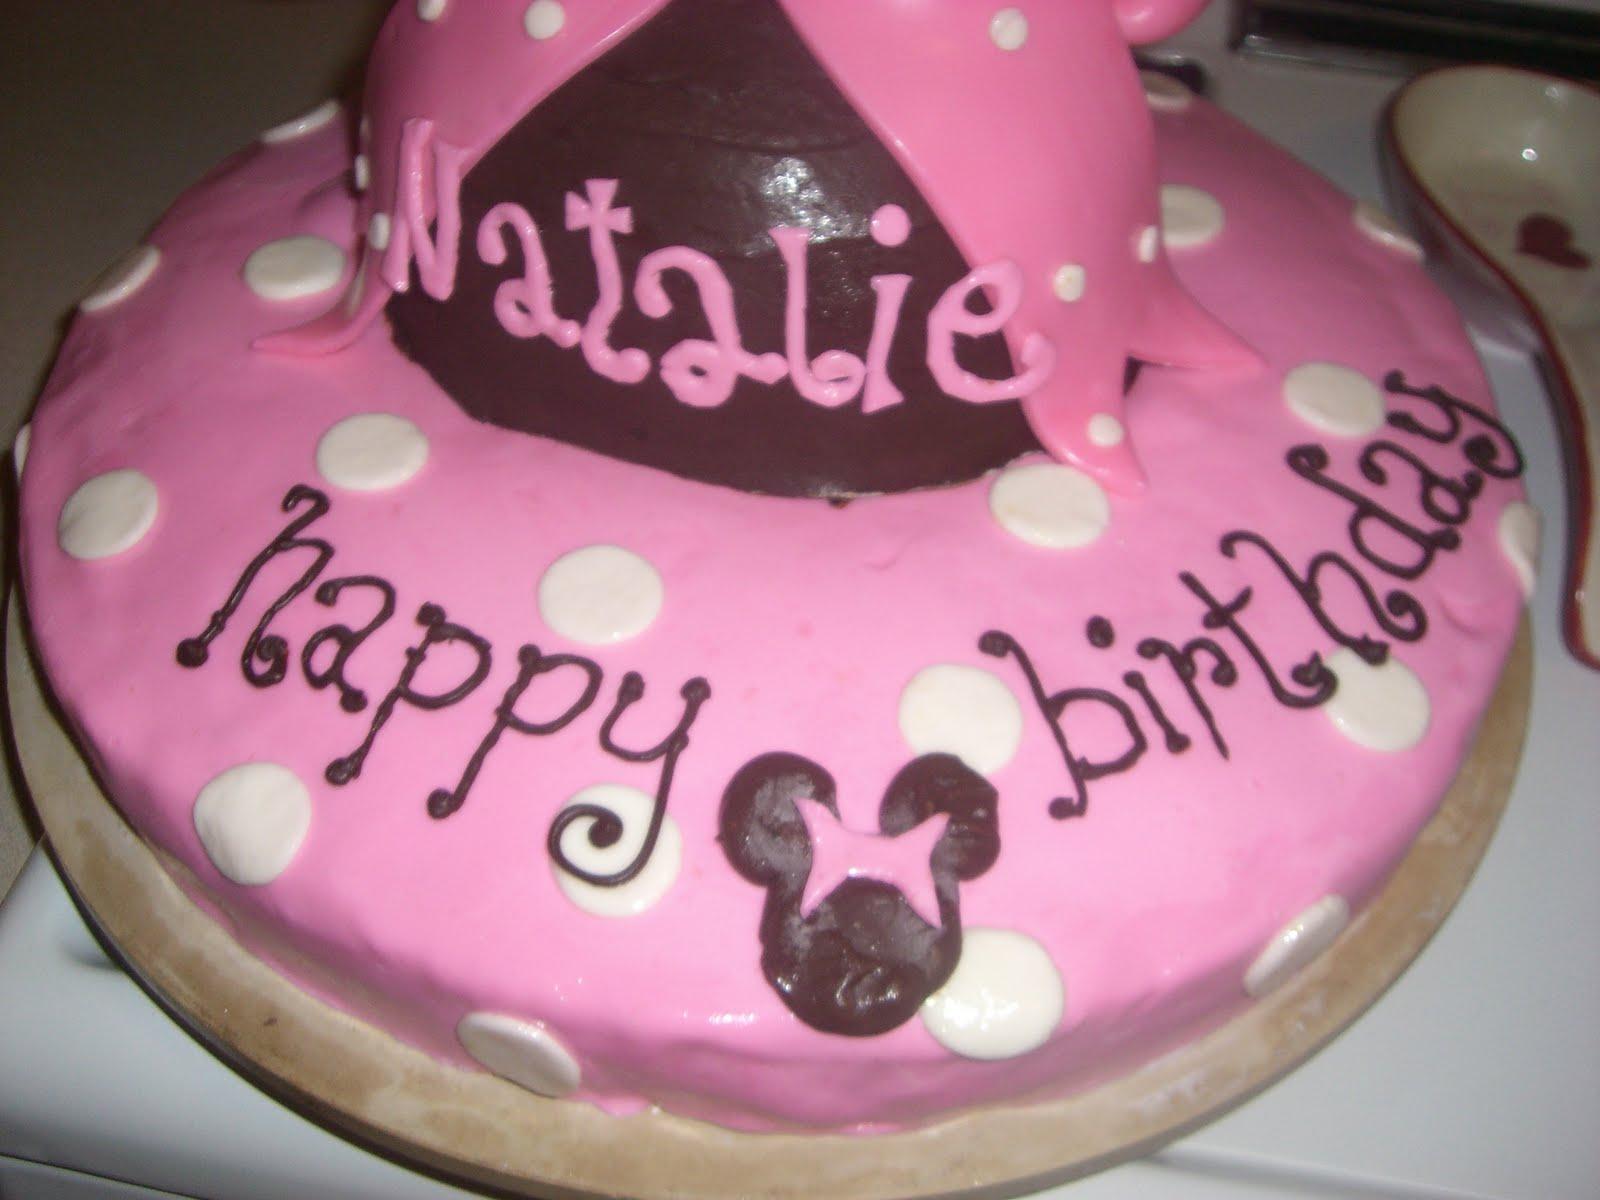 The Taylor Three Happy Birthday Natalie